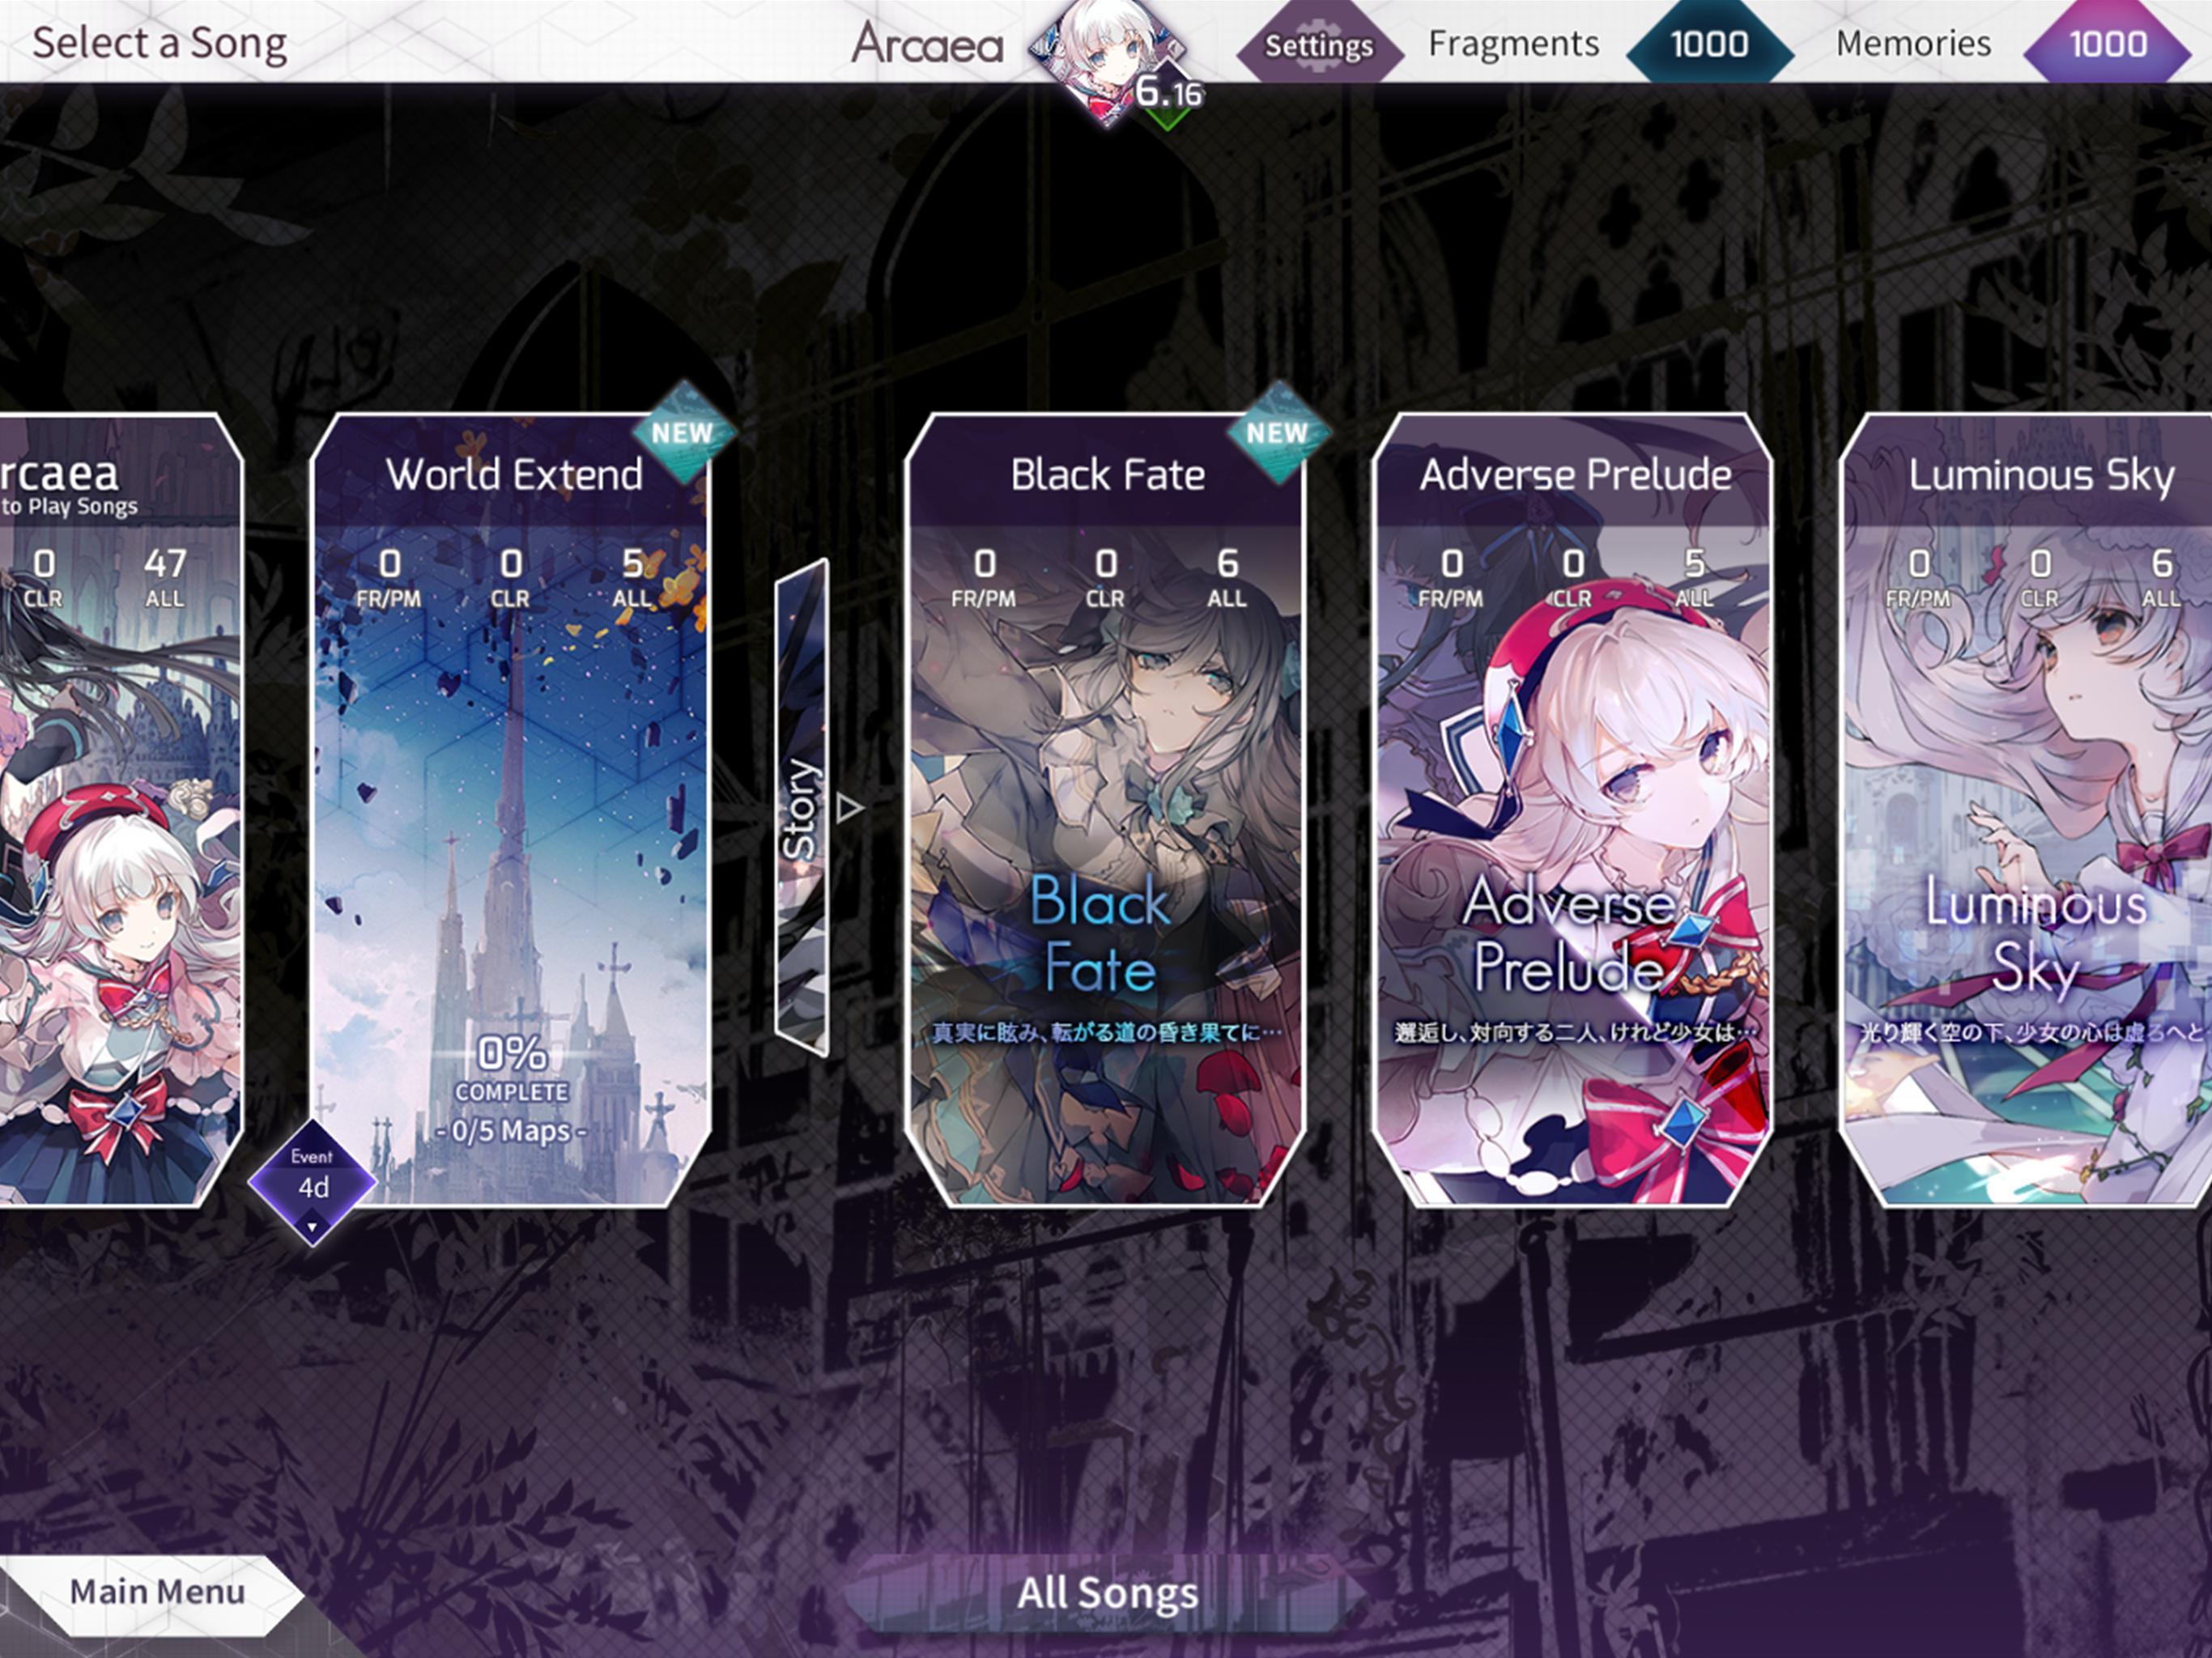 Arcaea New Dimension Rhythm Game 3.2.4 Screenshot 13